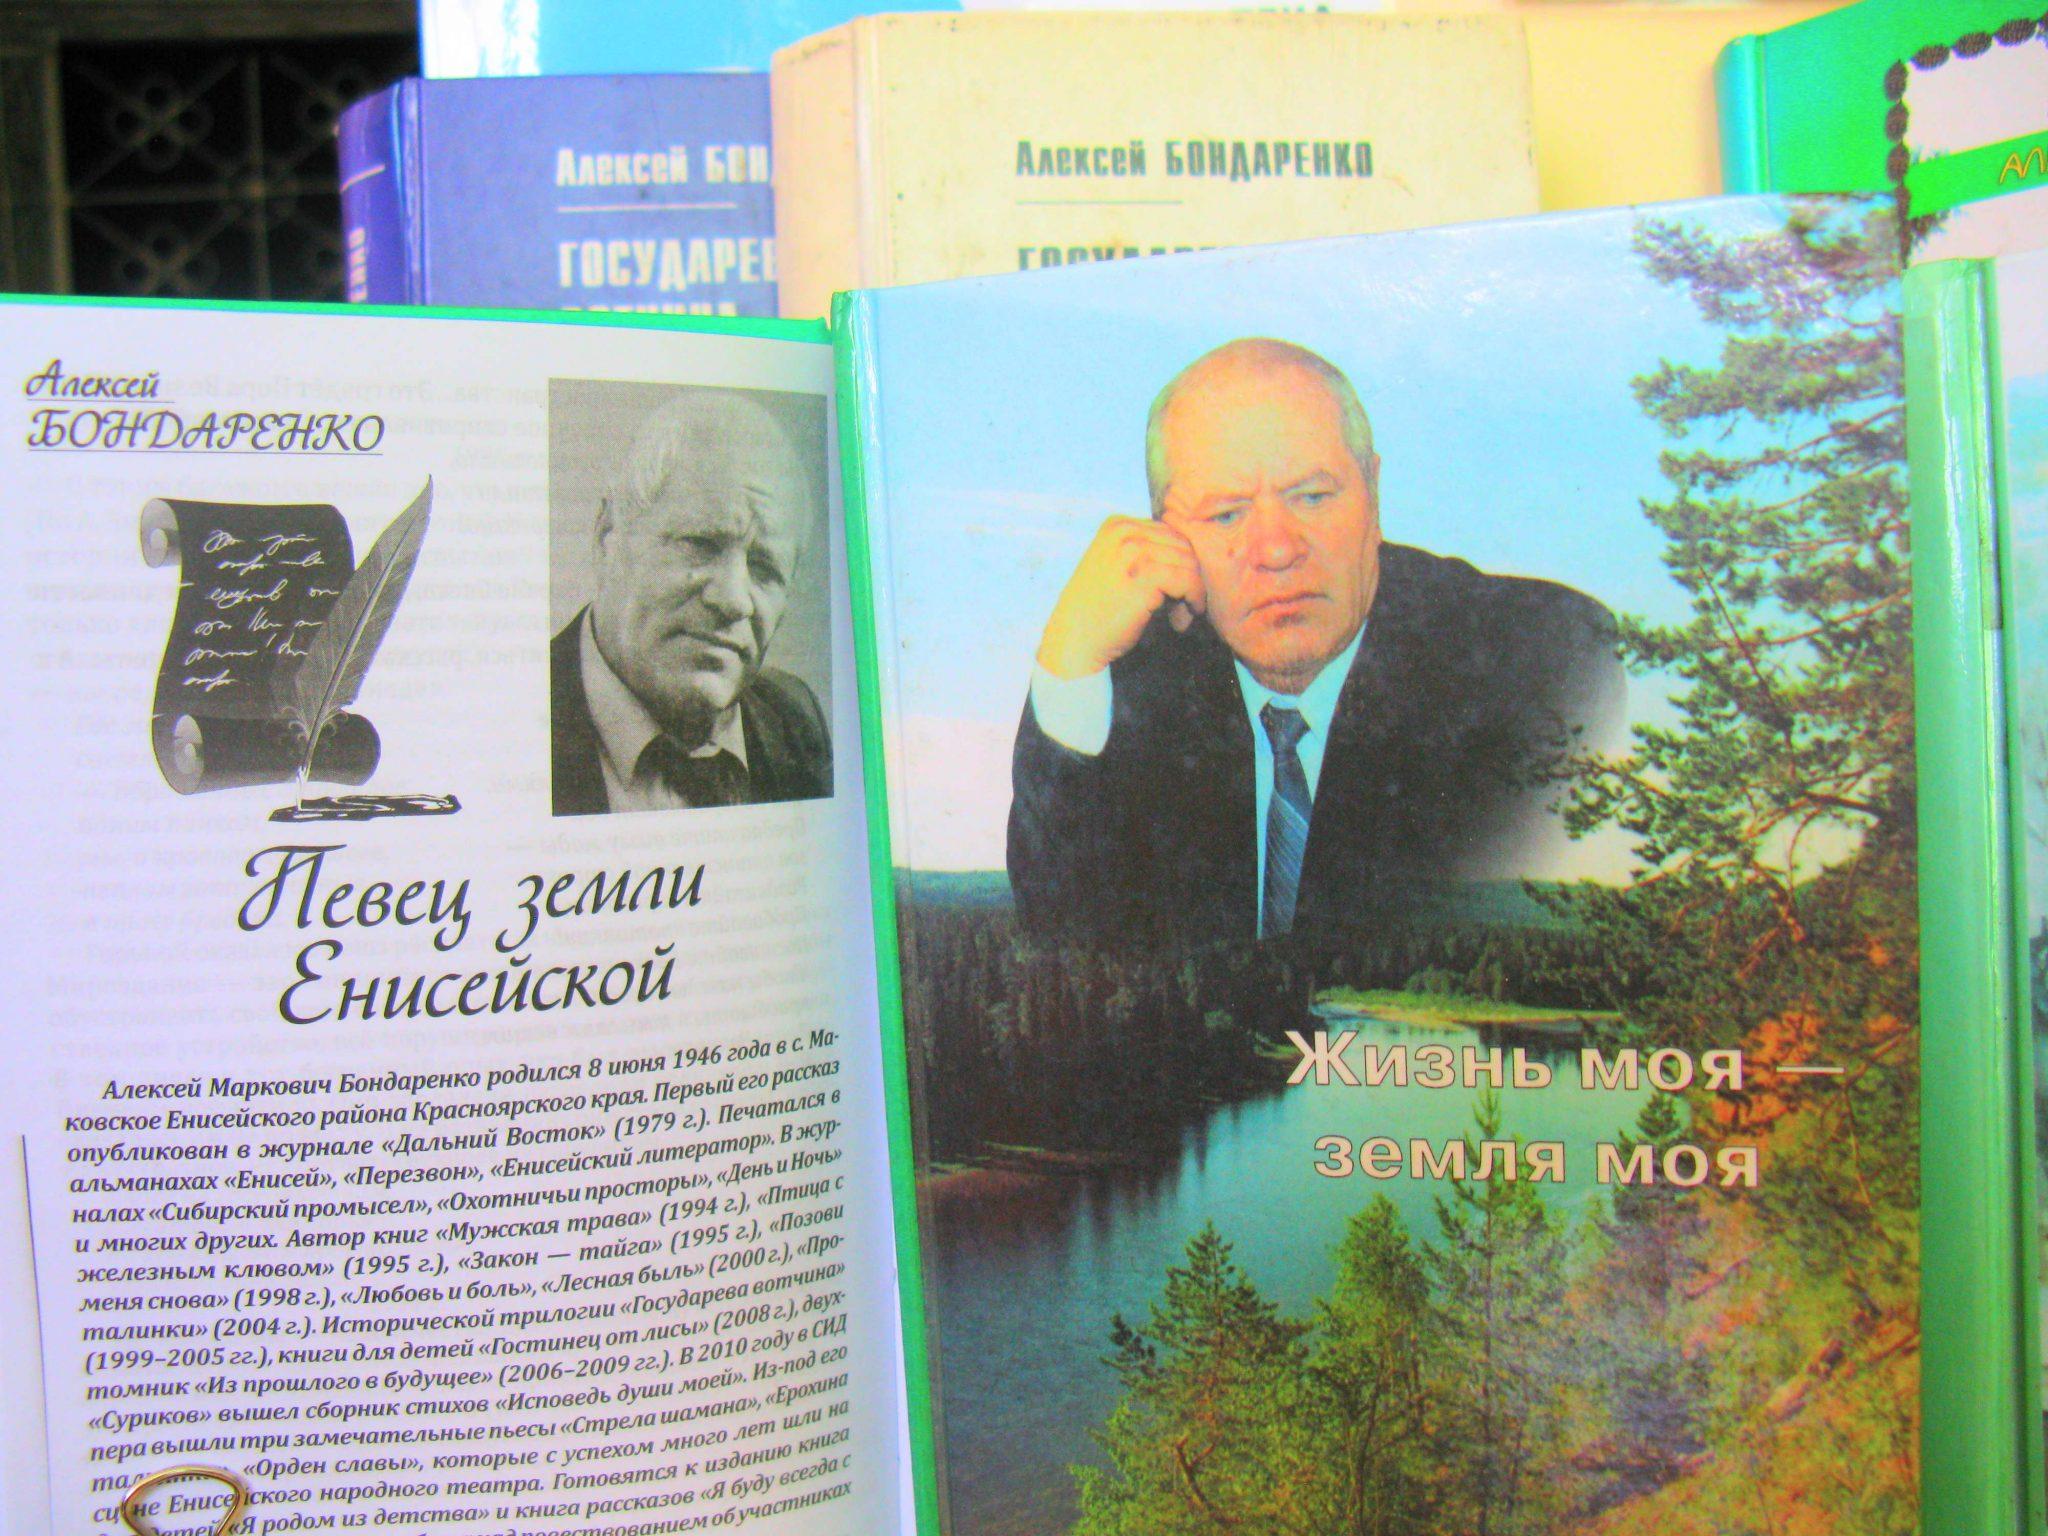 75 лет со дня рождения Алексея Марковича Бондаренко